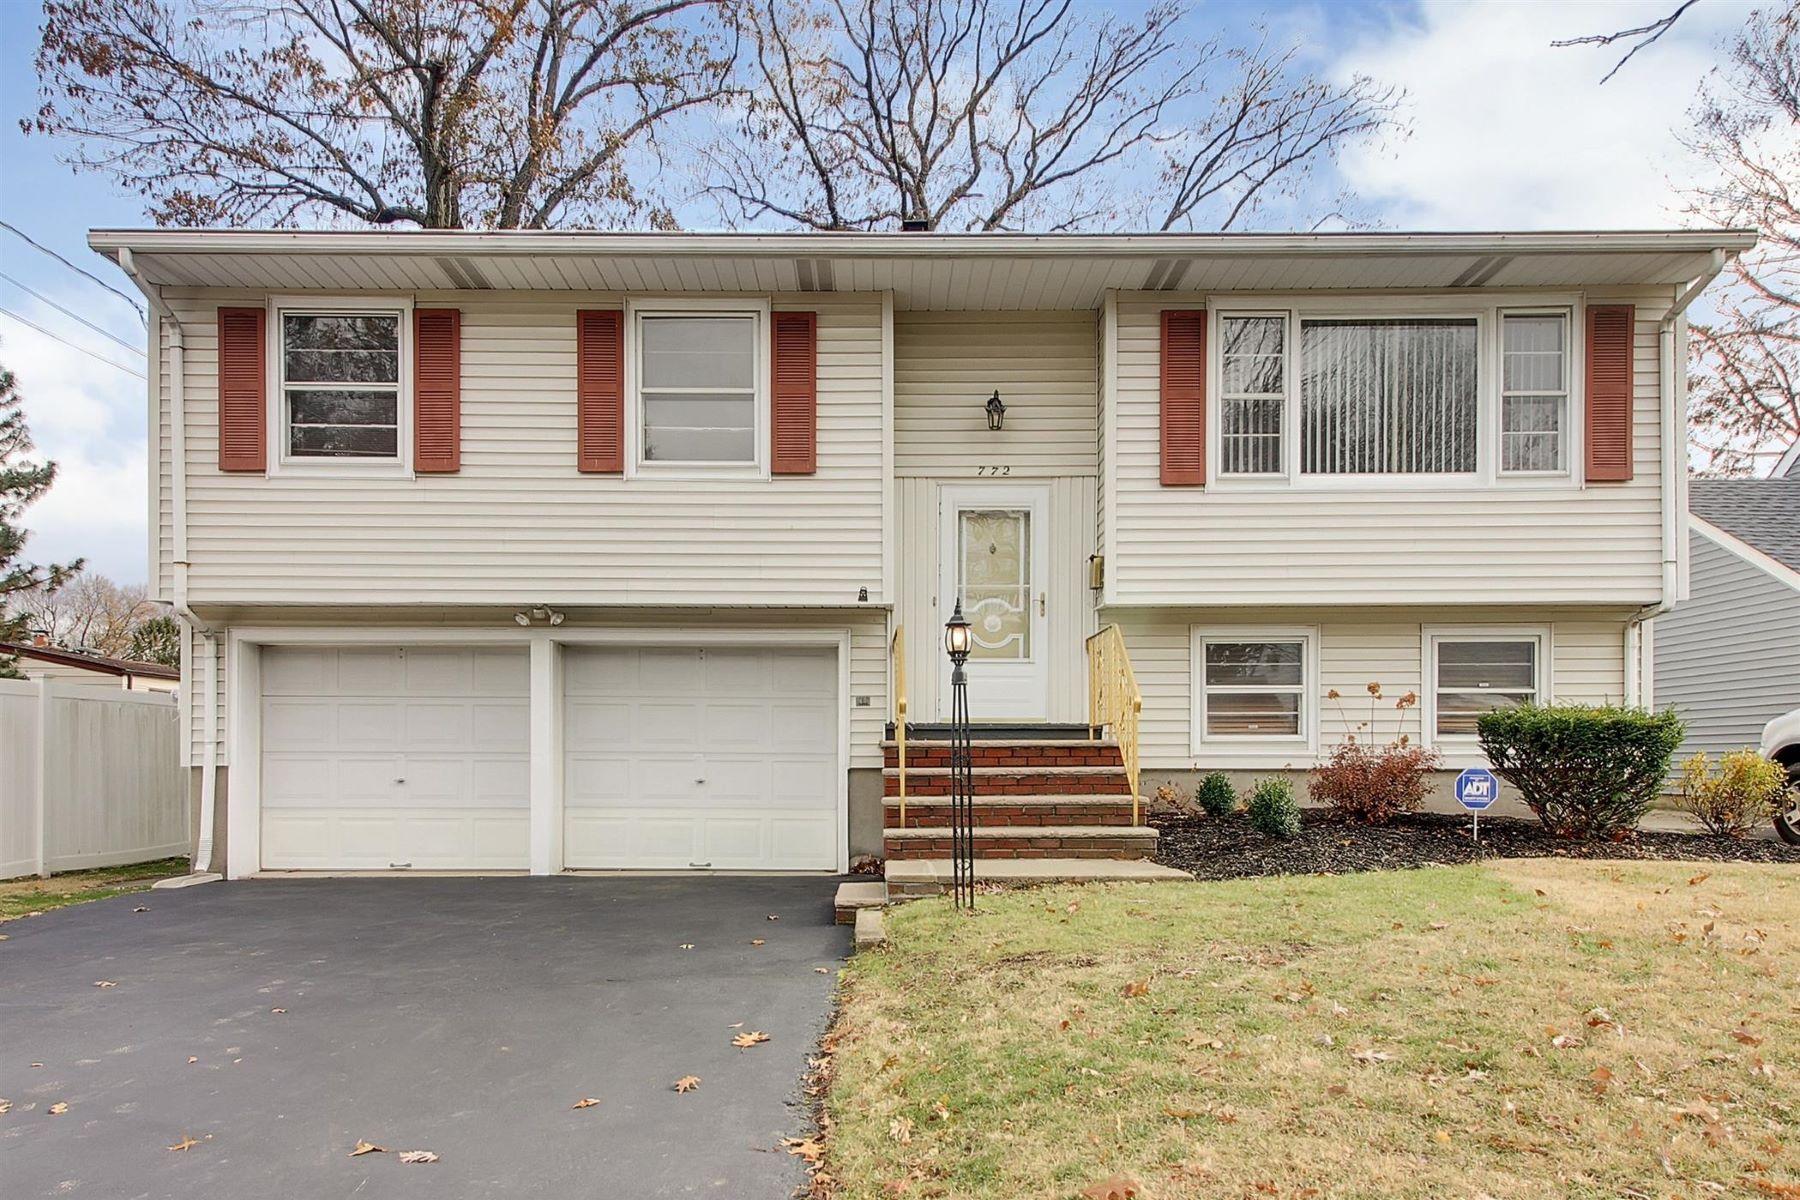 Tek Ailelik Ev için Satış at Open And Bright 772 Palmer Avenue, Maywood, New Jersey 07607 Amerika Birleşik Devletleri